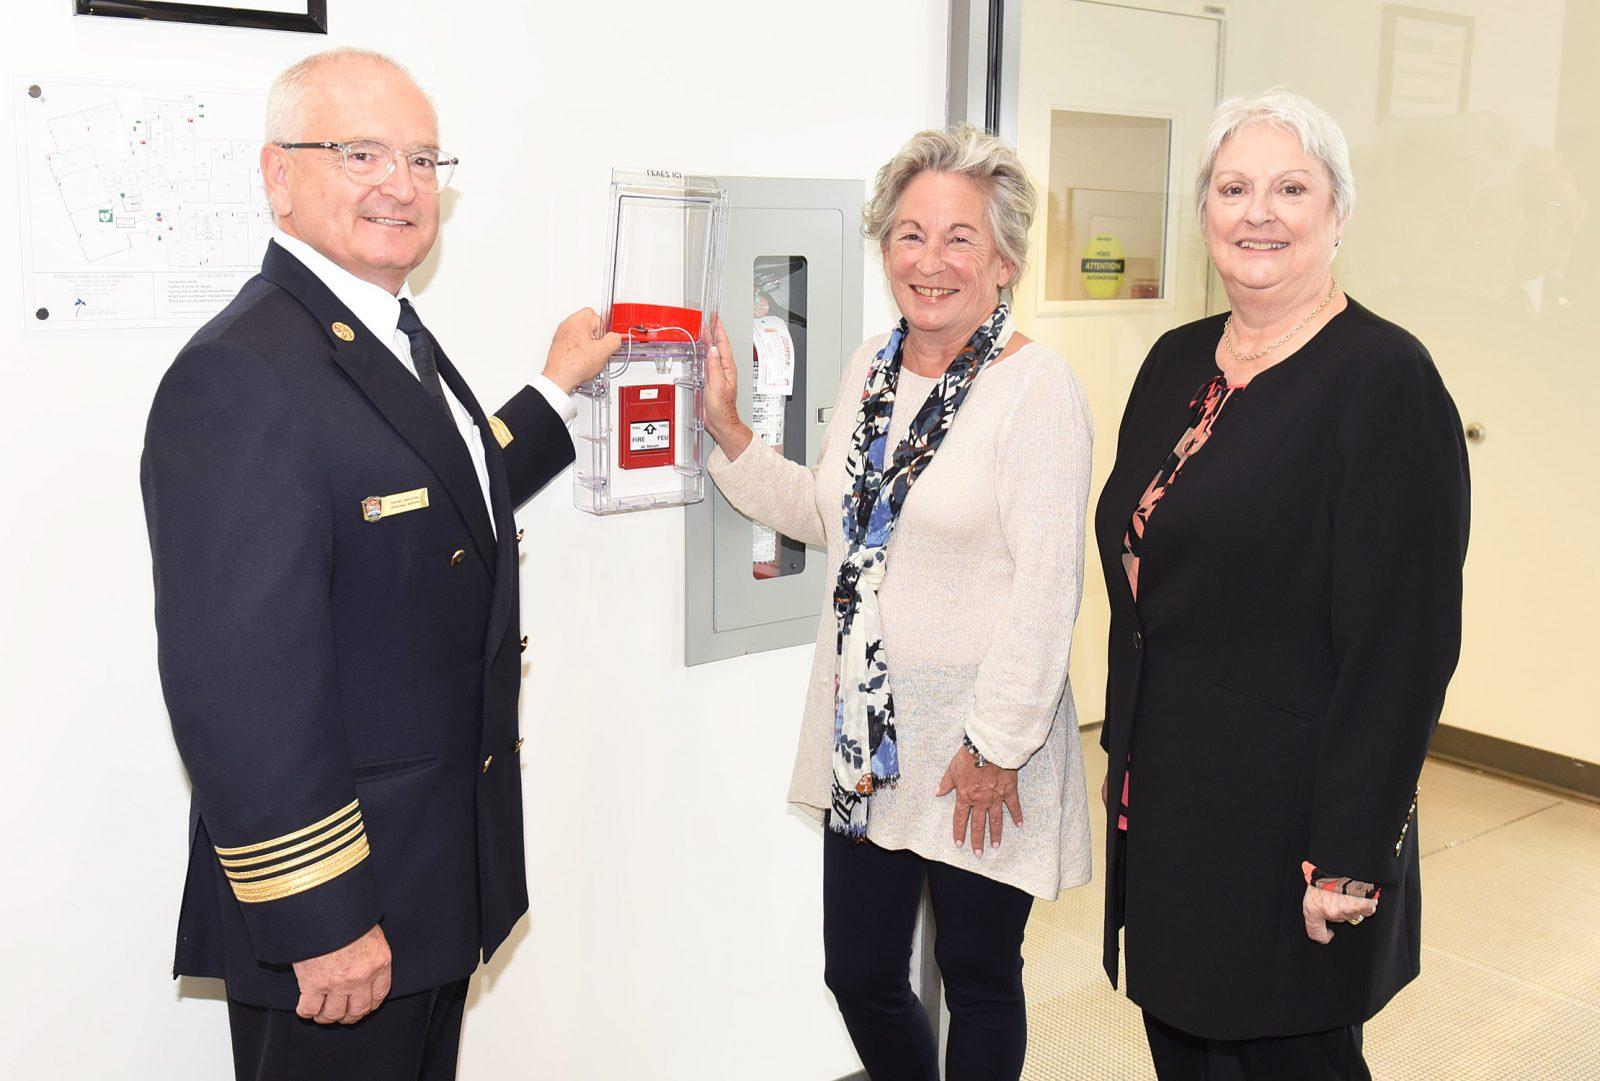 Semaine de la prévention des incendies : un premier exercice d'évacuation simultané d'établissements scolaires au Québec